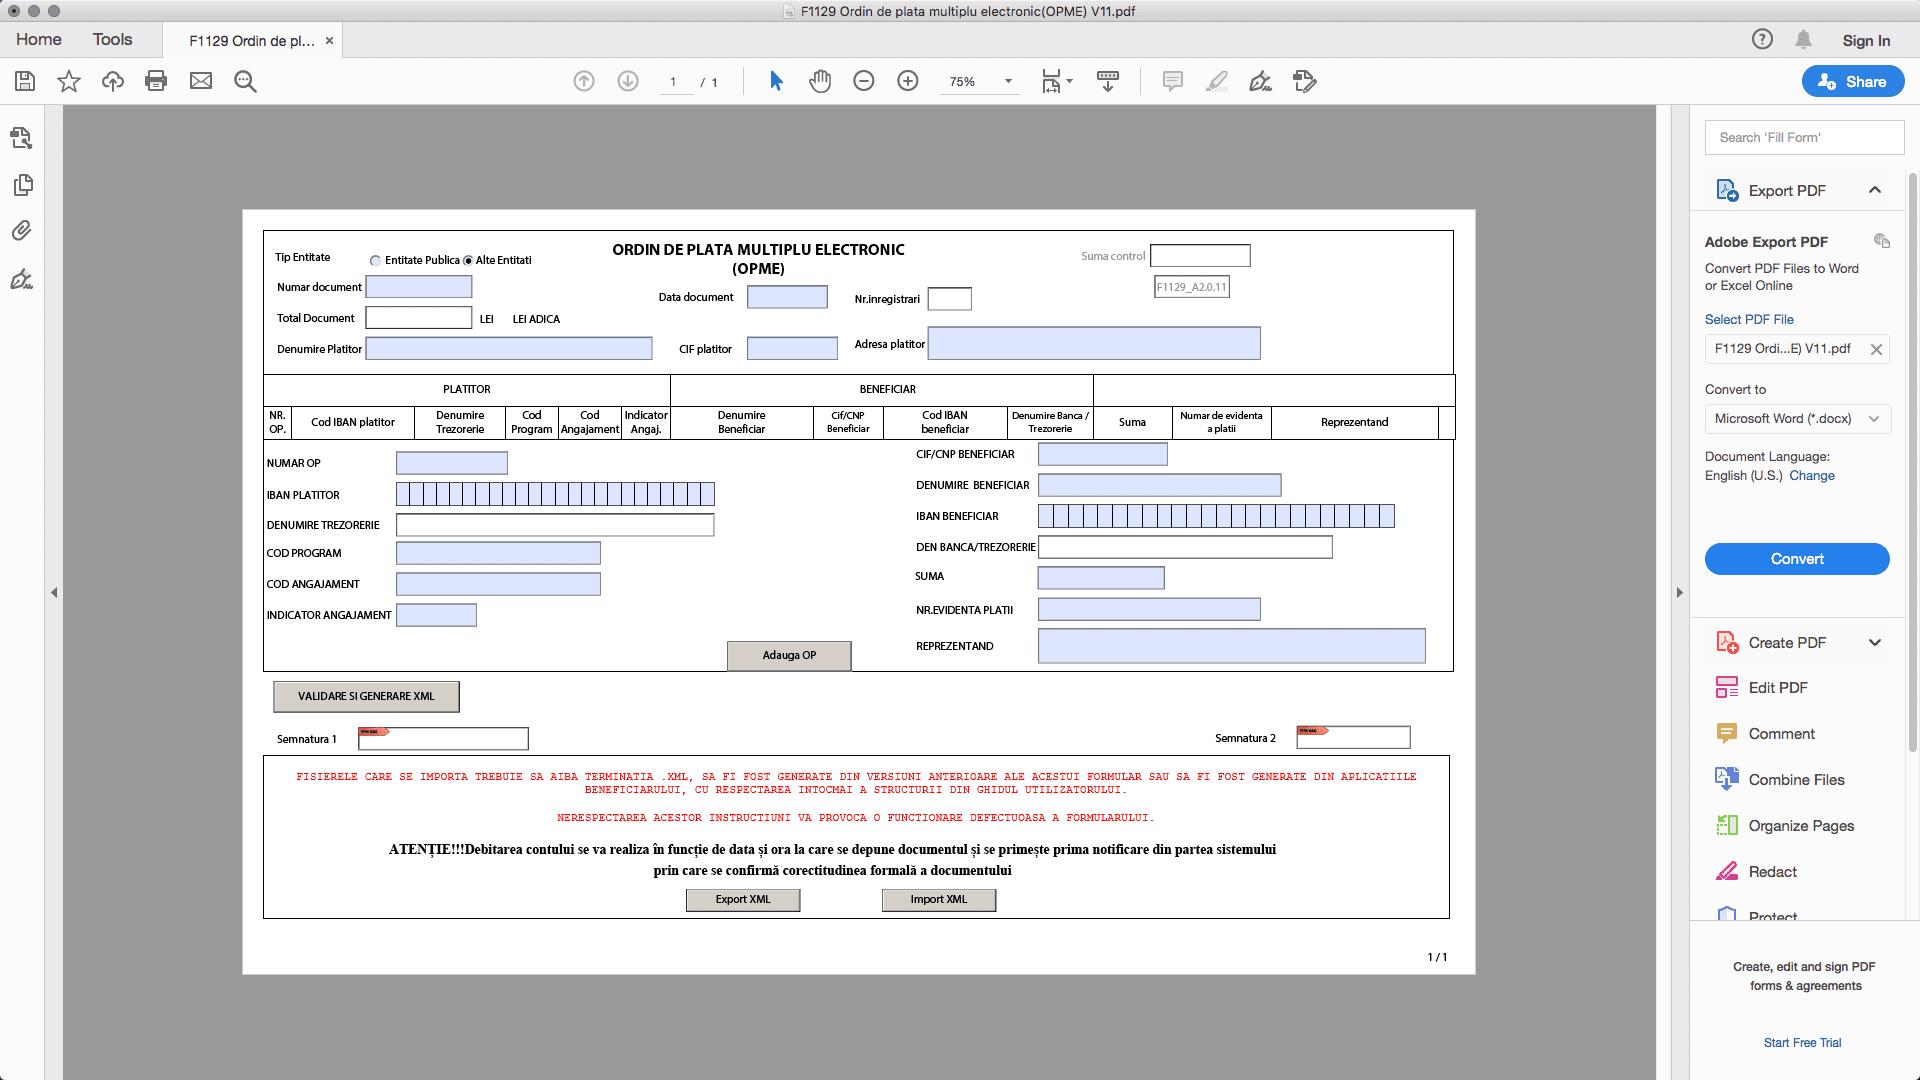 Descarcă formularul și află cum faci un ordin de plată electronic (OPME) pentru transfer online din contul de trezorerie